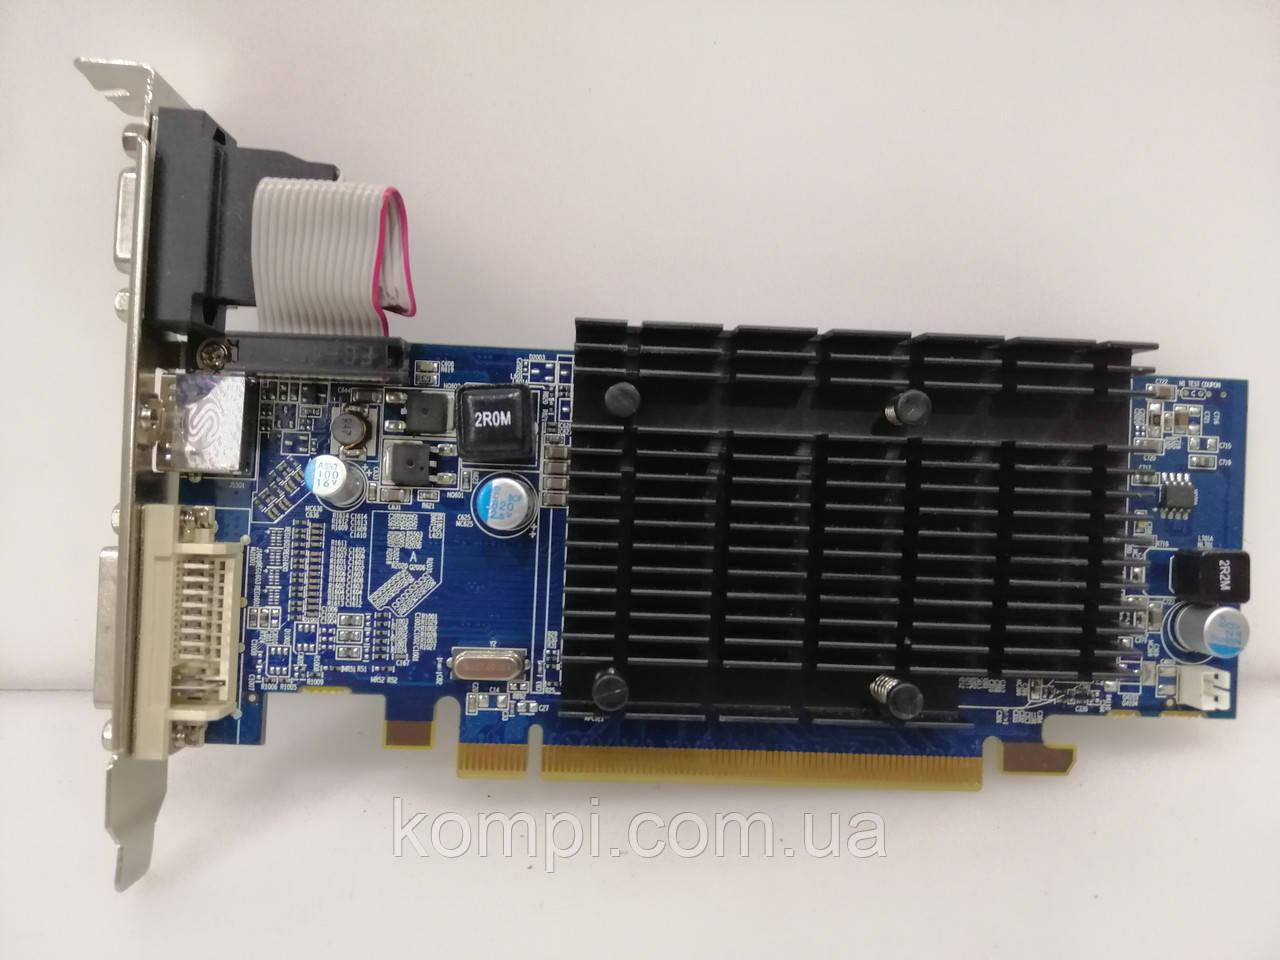 ATI RADEON HD 4550 WINDOWS 8 DRIVER